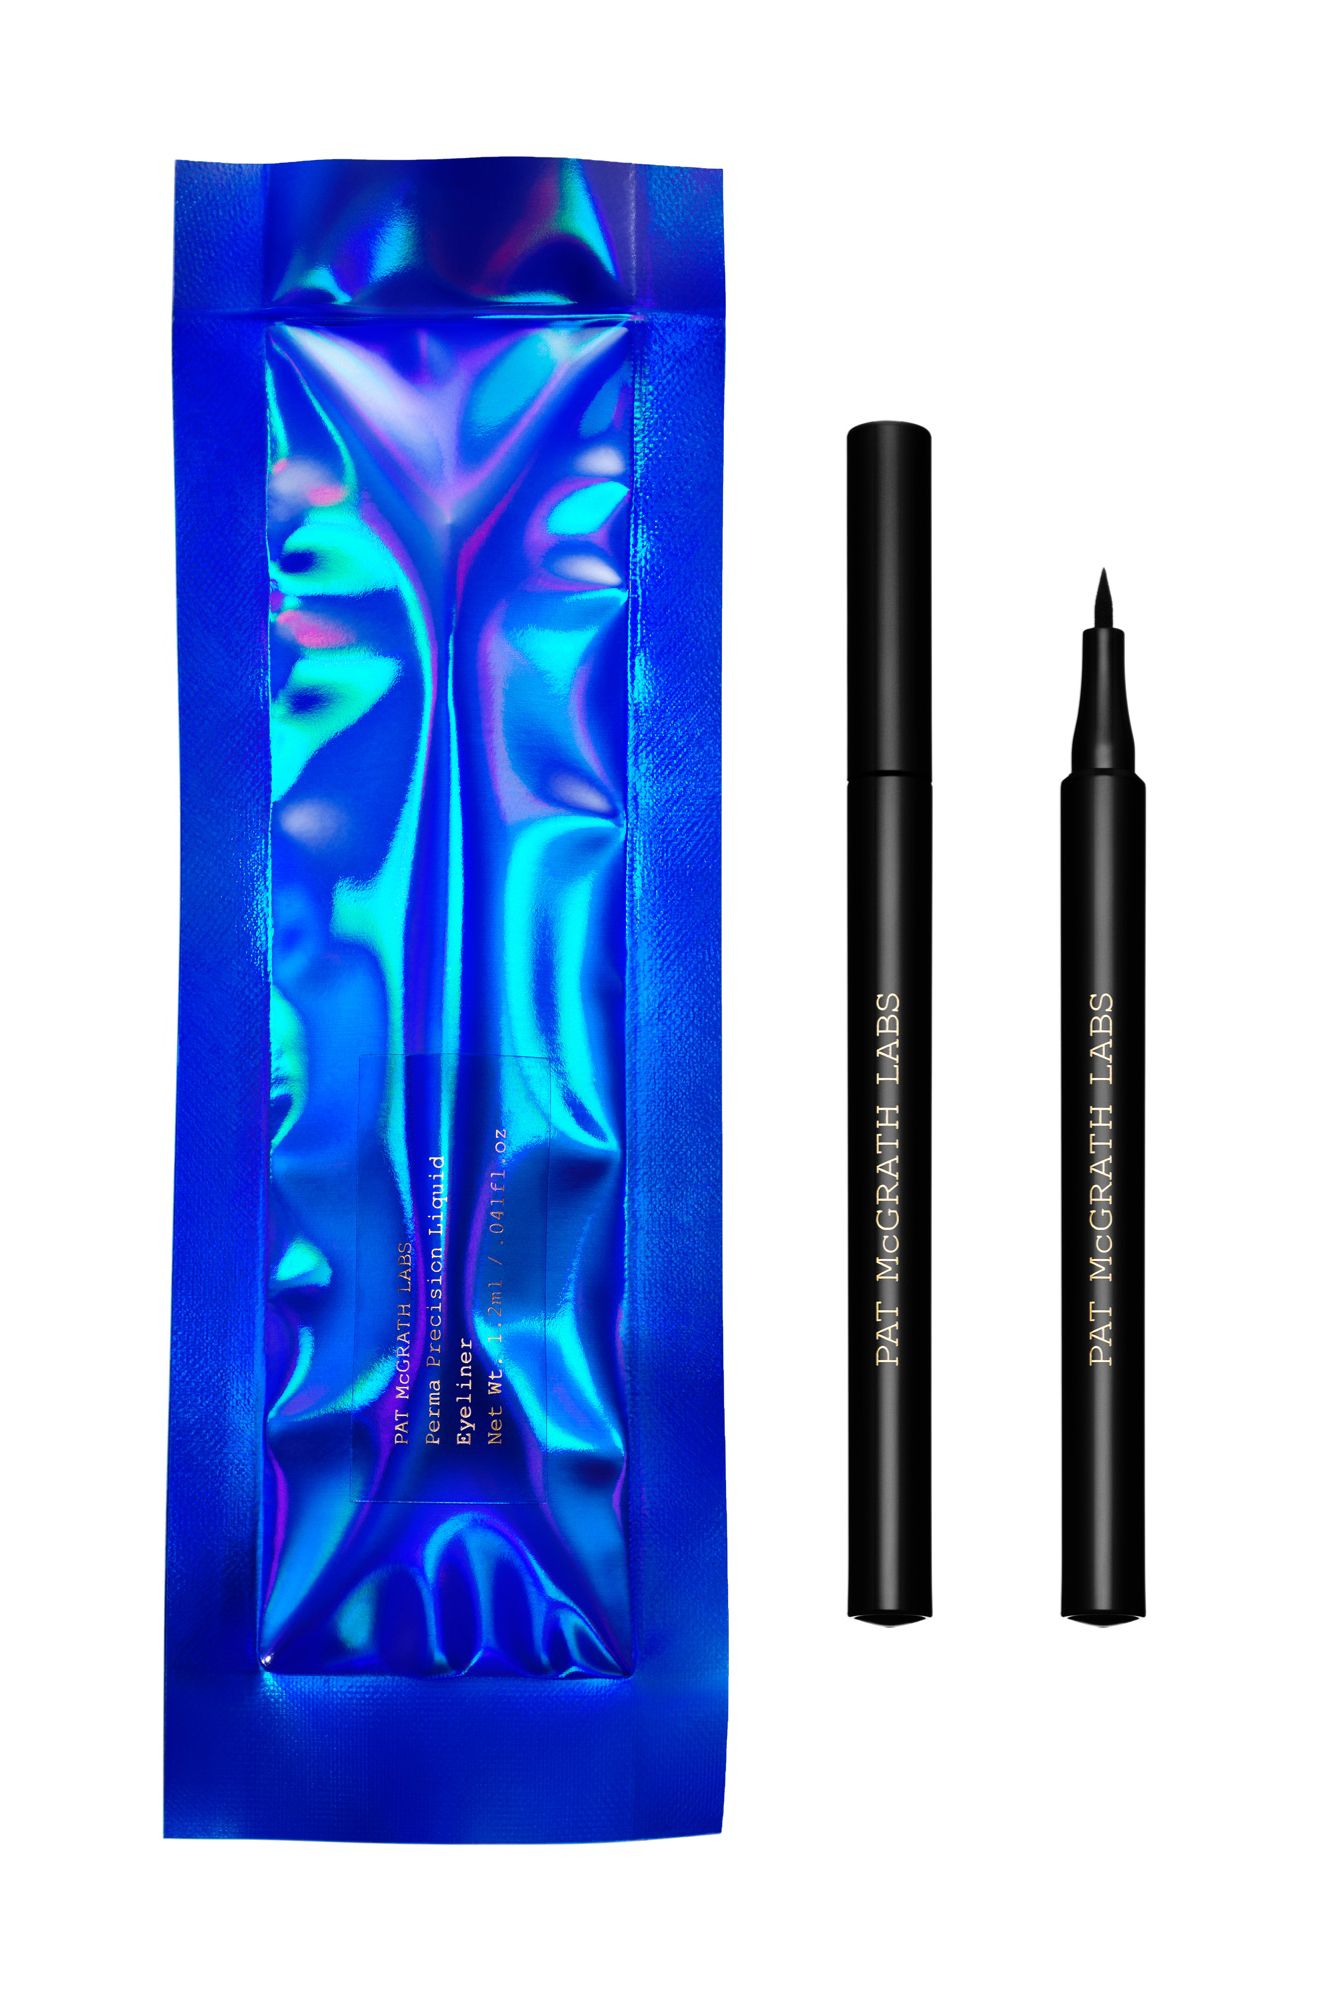 Pat McGrath Labs Perma Precision Liquid Eyeliner